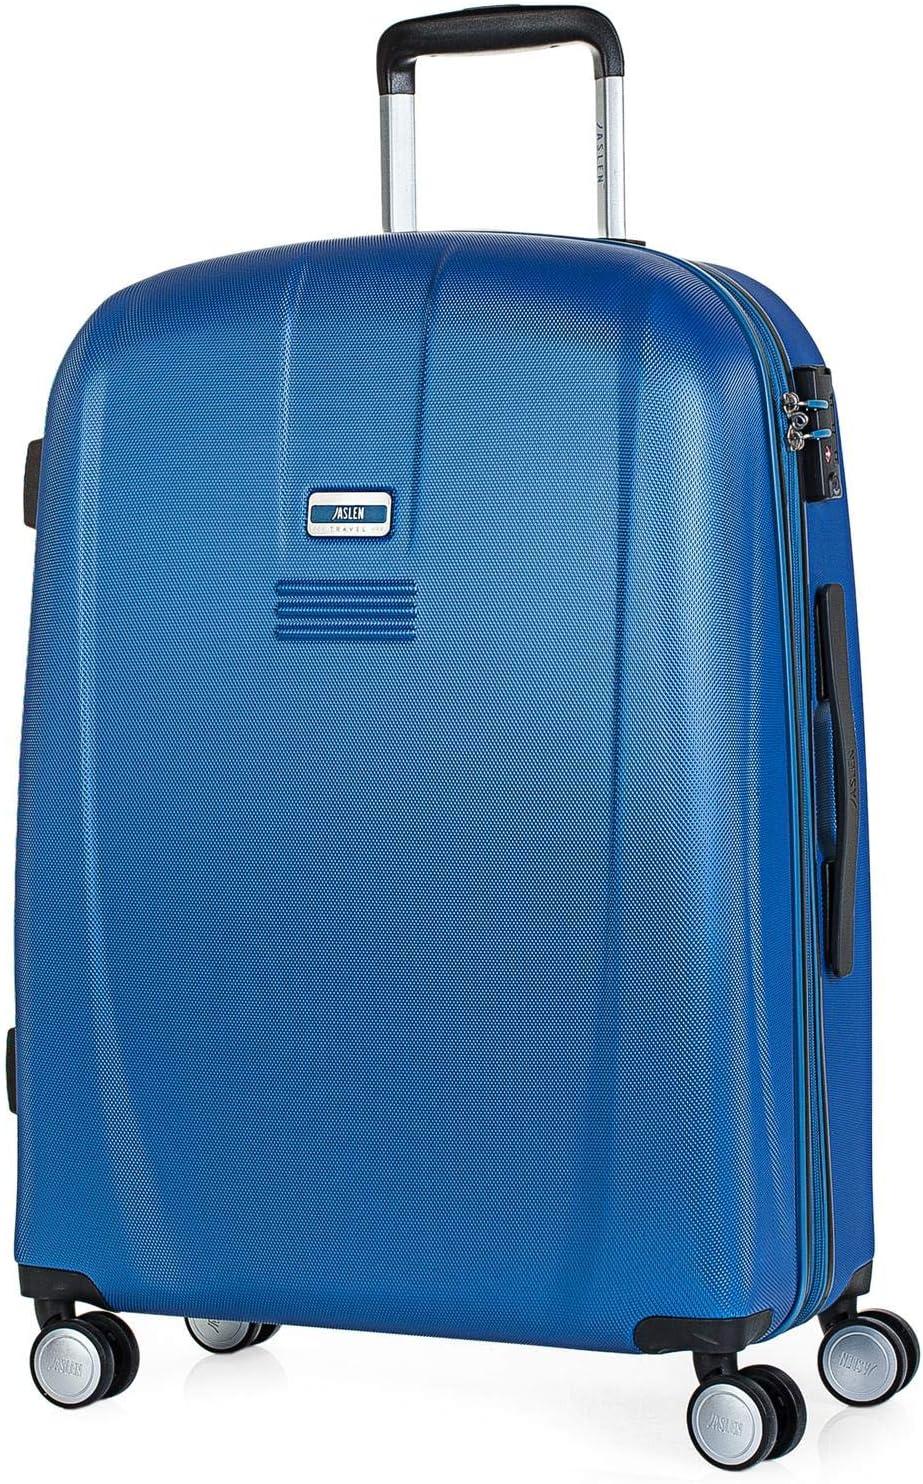 JASLEN - Maleta de Viaje Rígida 4 Ruedas Trolley Mediana de ABS. Cómoda Duradera y Ligera. Ideal para Estudiantes. Candado TSA Confianza. 56560, Color Azul